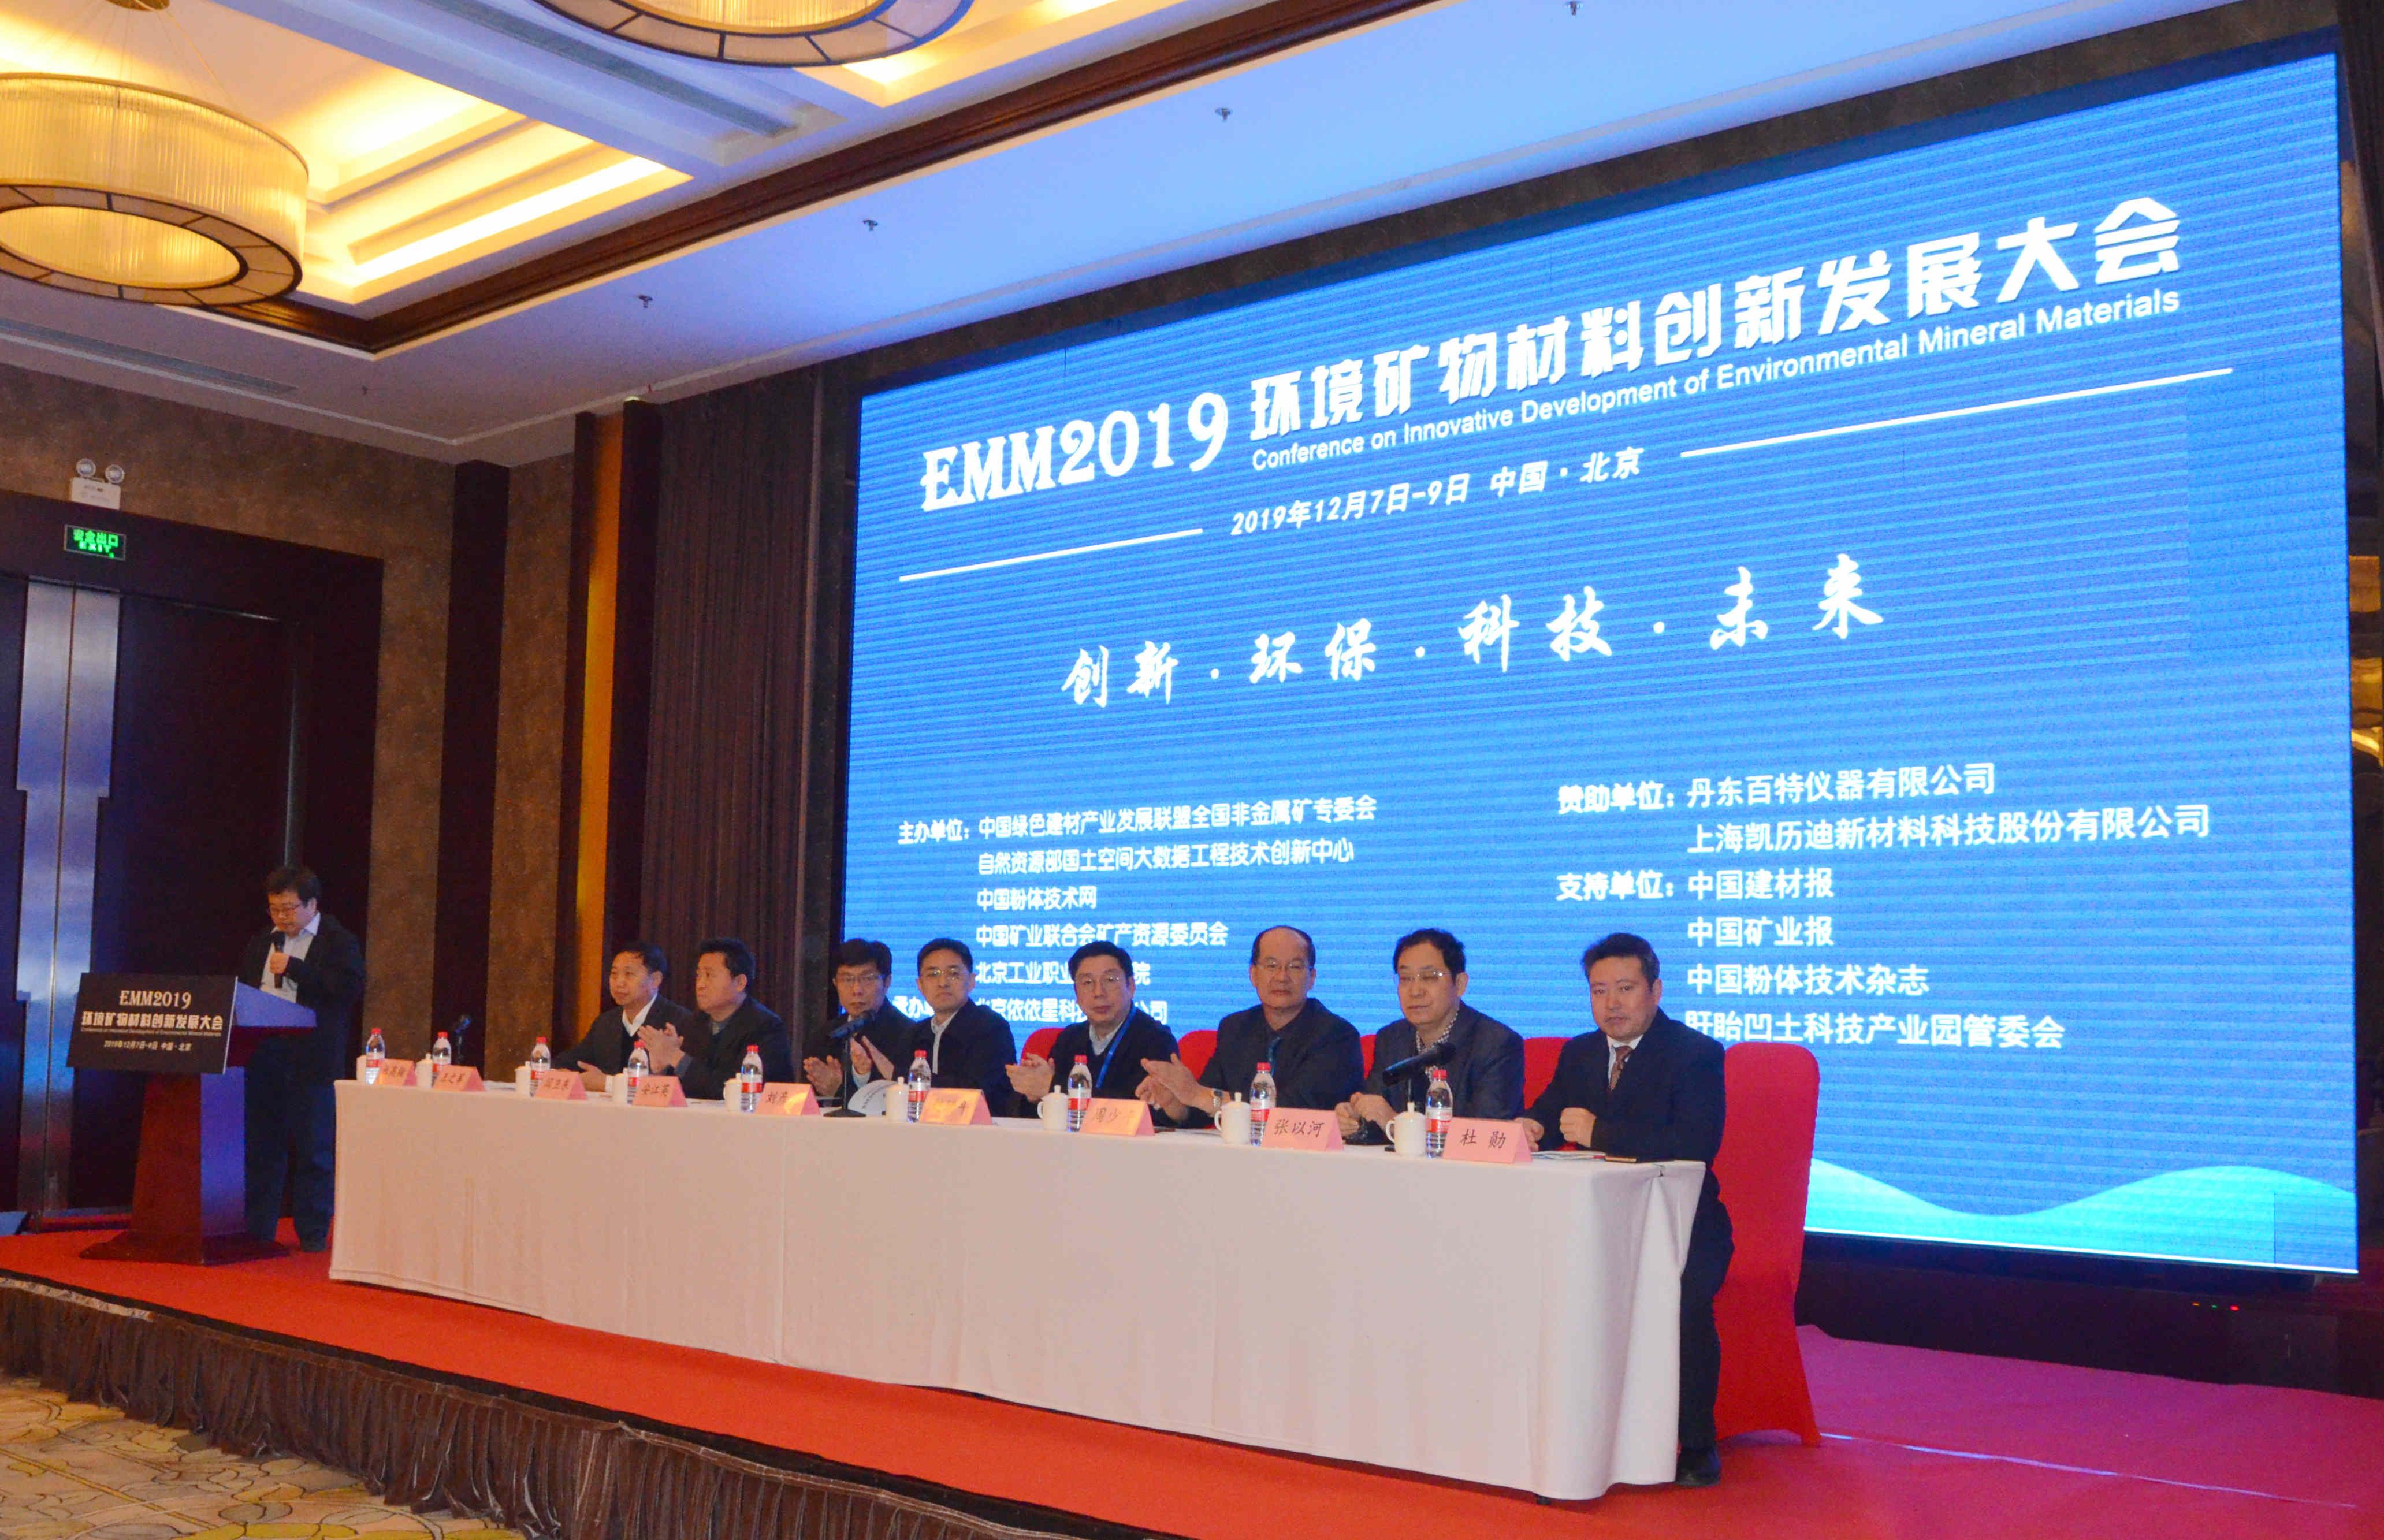 2019环境矿物材料创新发展大会开幕式